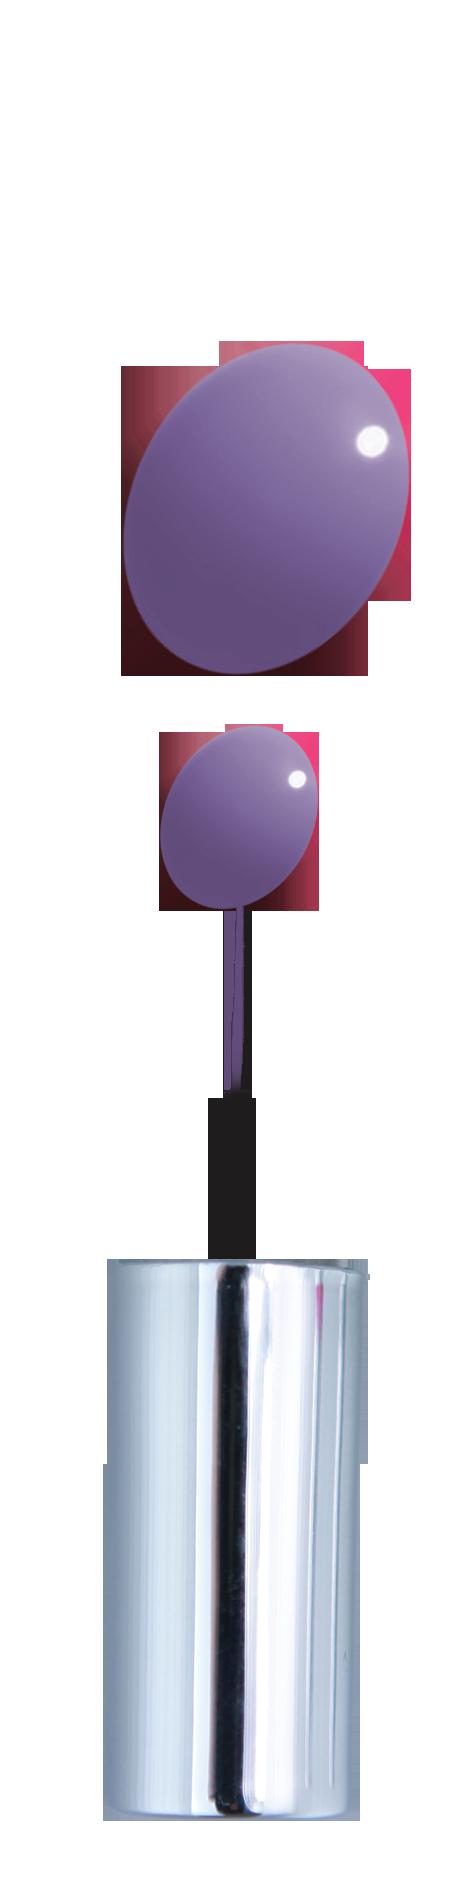 Nailart Crystalac - Díszítő tűecsetes Crystalac - 4